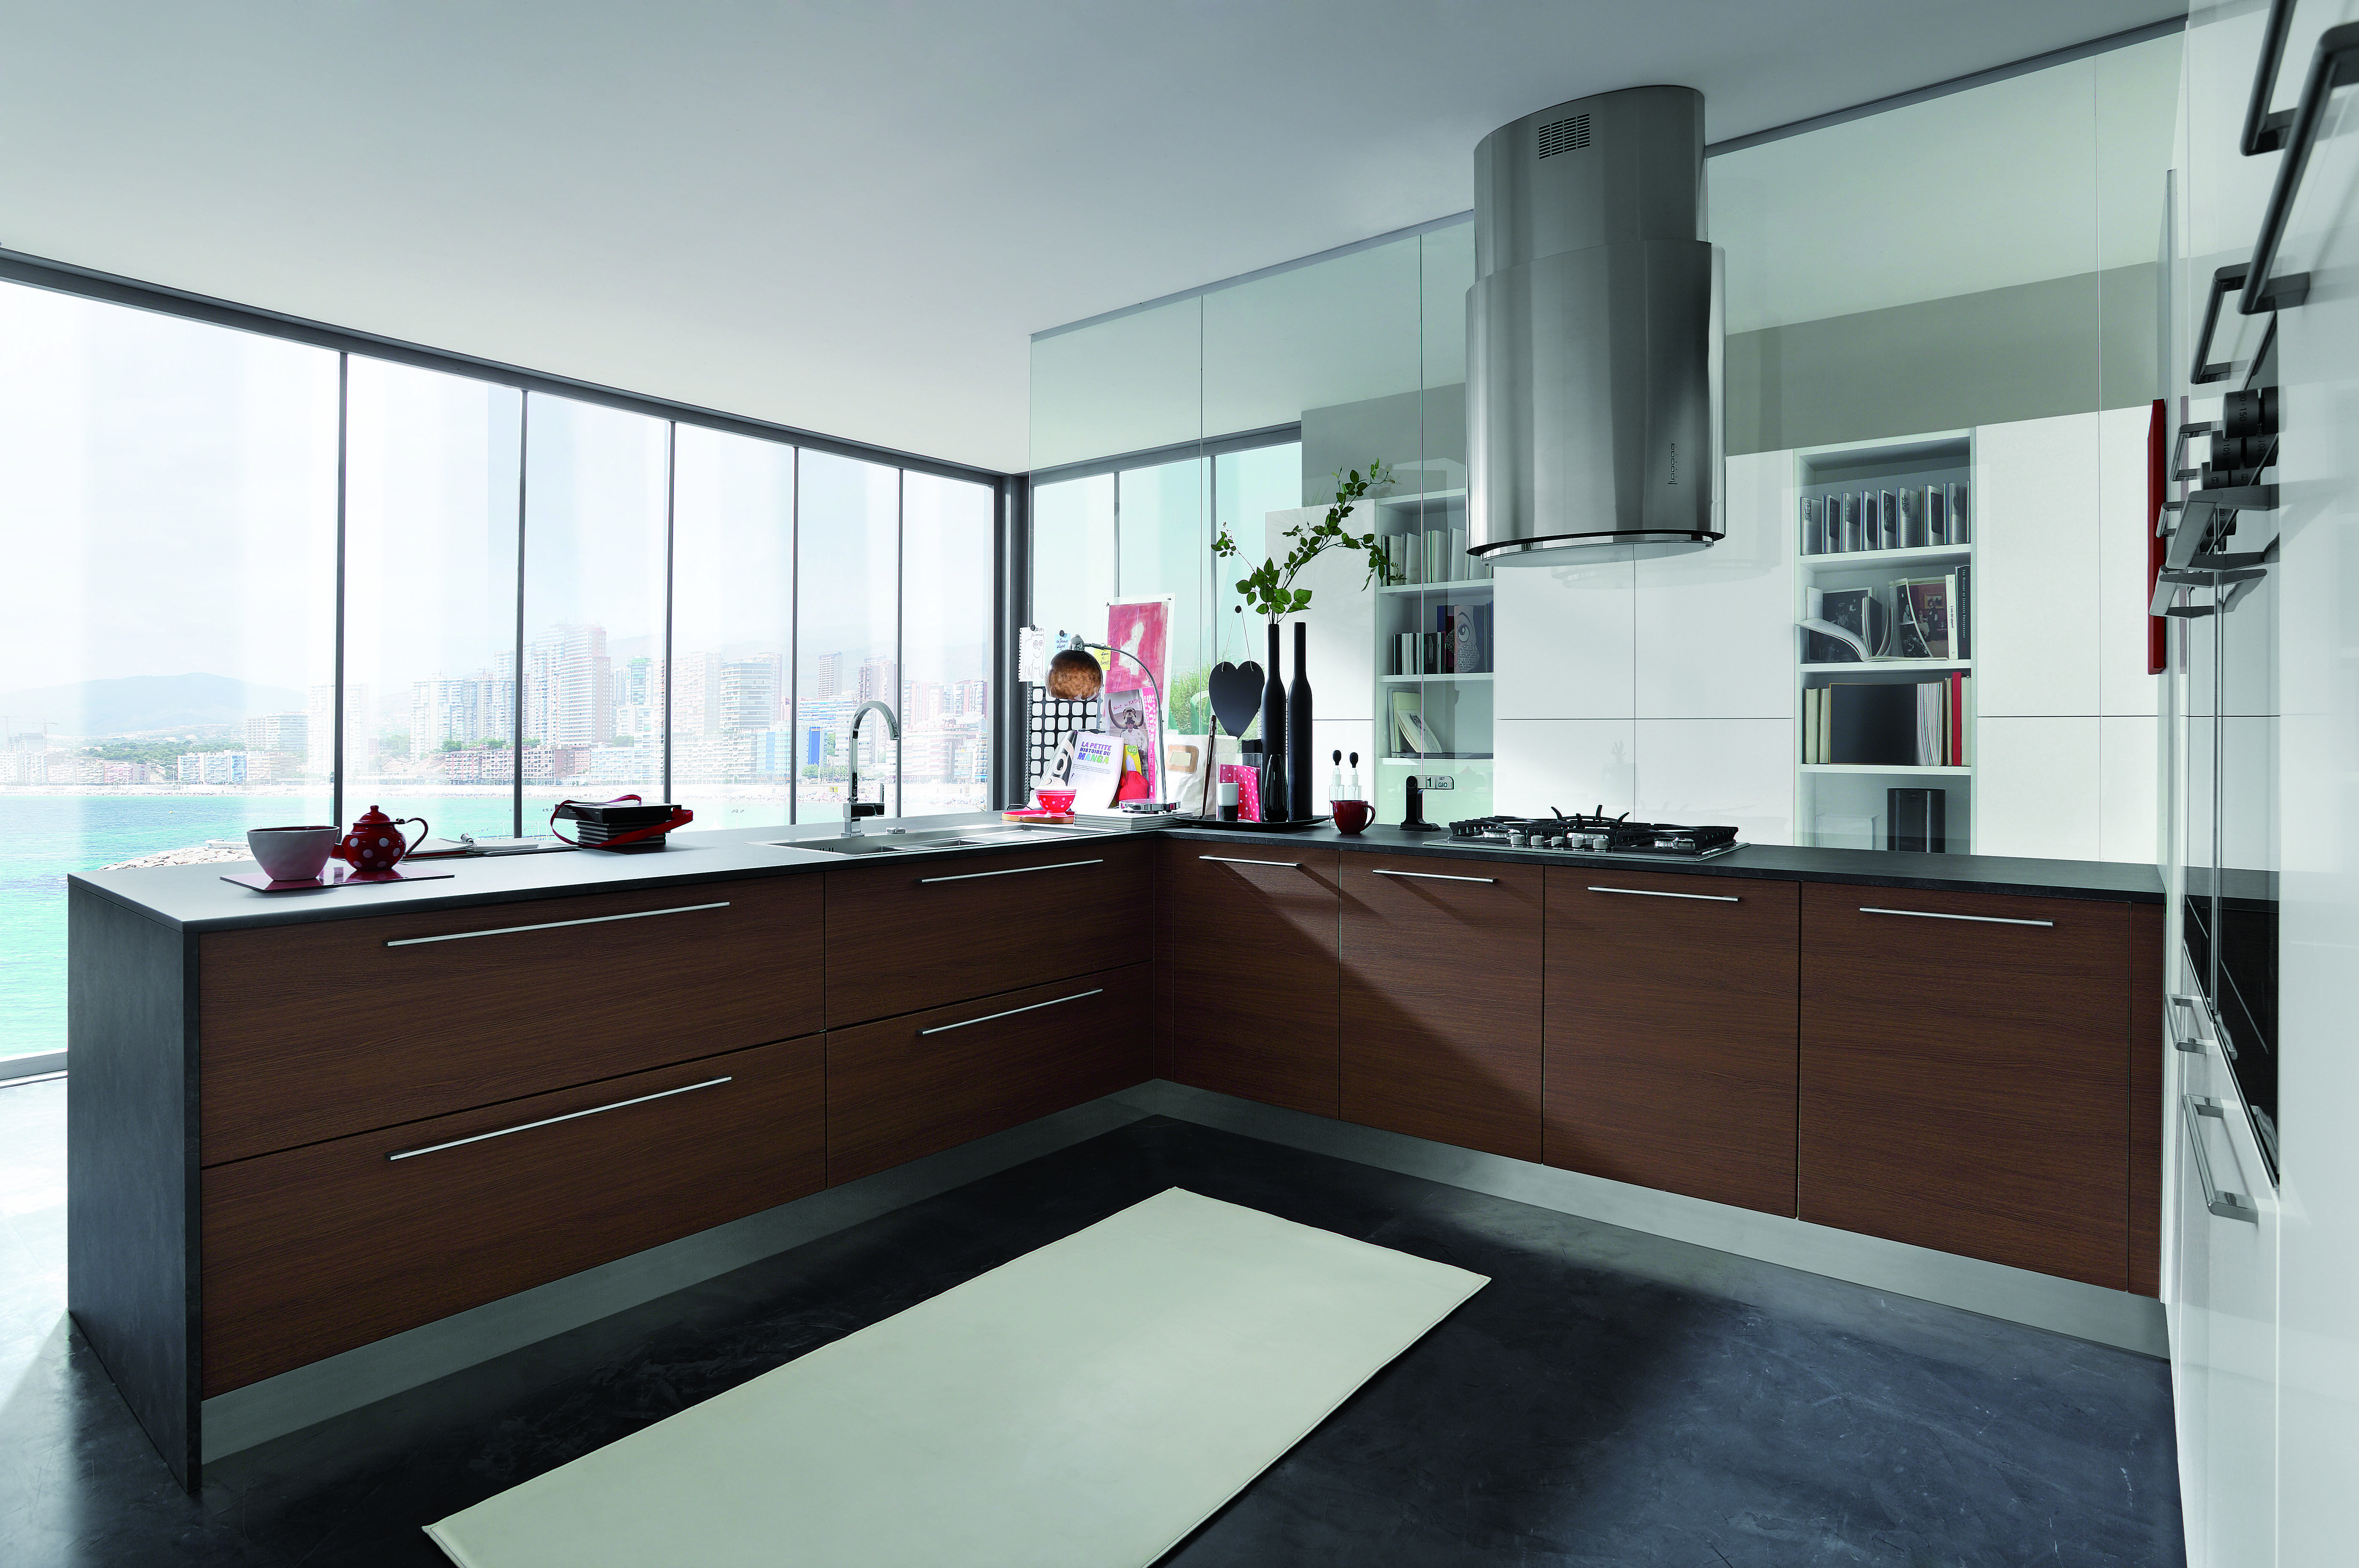 cucine #cucine #kitchen #kitchens #modern #moderna #gicinque http ...